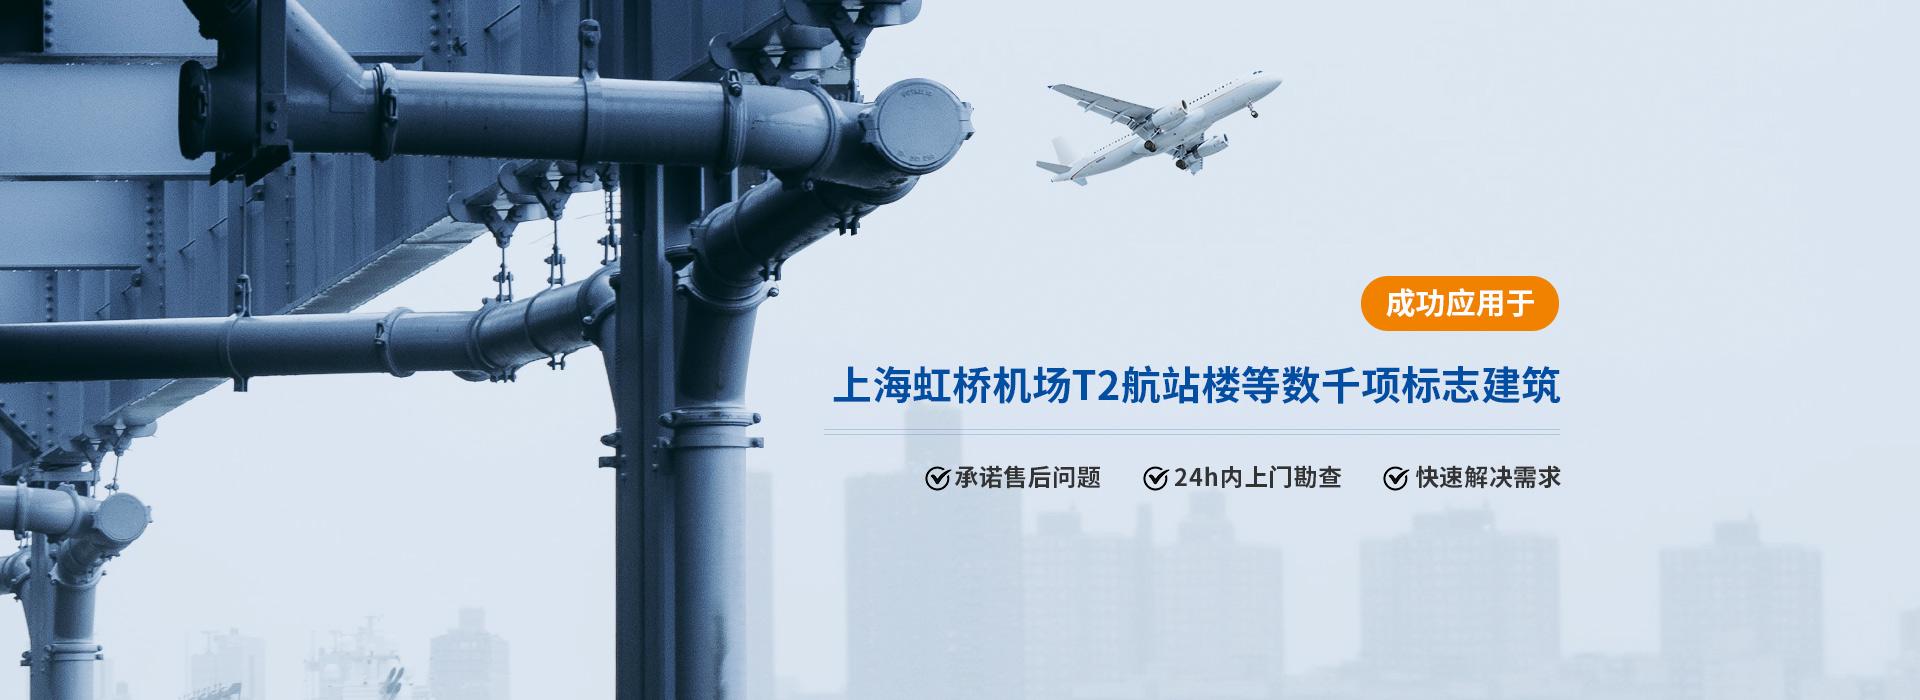 中亚橡塑保温材料成功应用于上海虹桥机场T2航站楼等数千项标志建筑